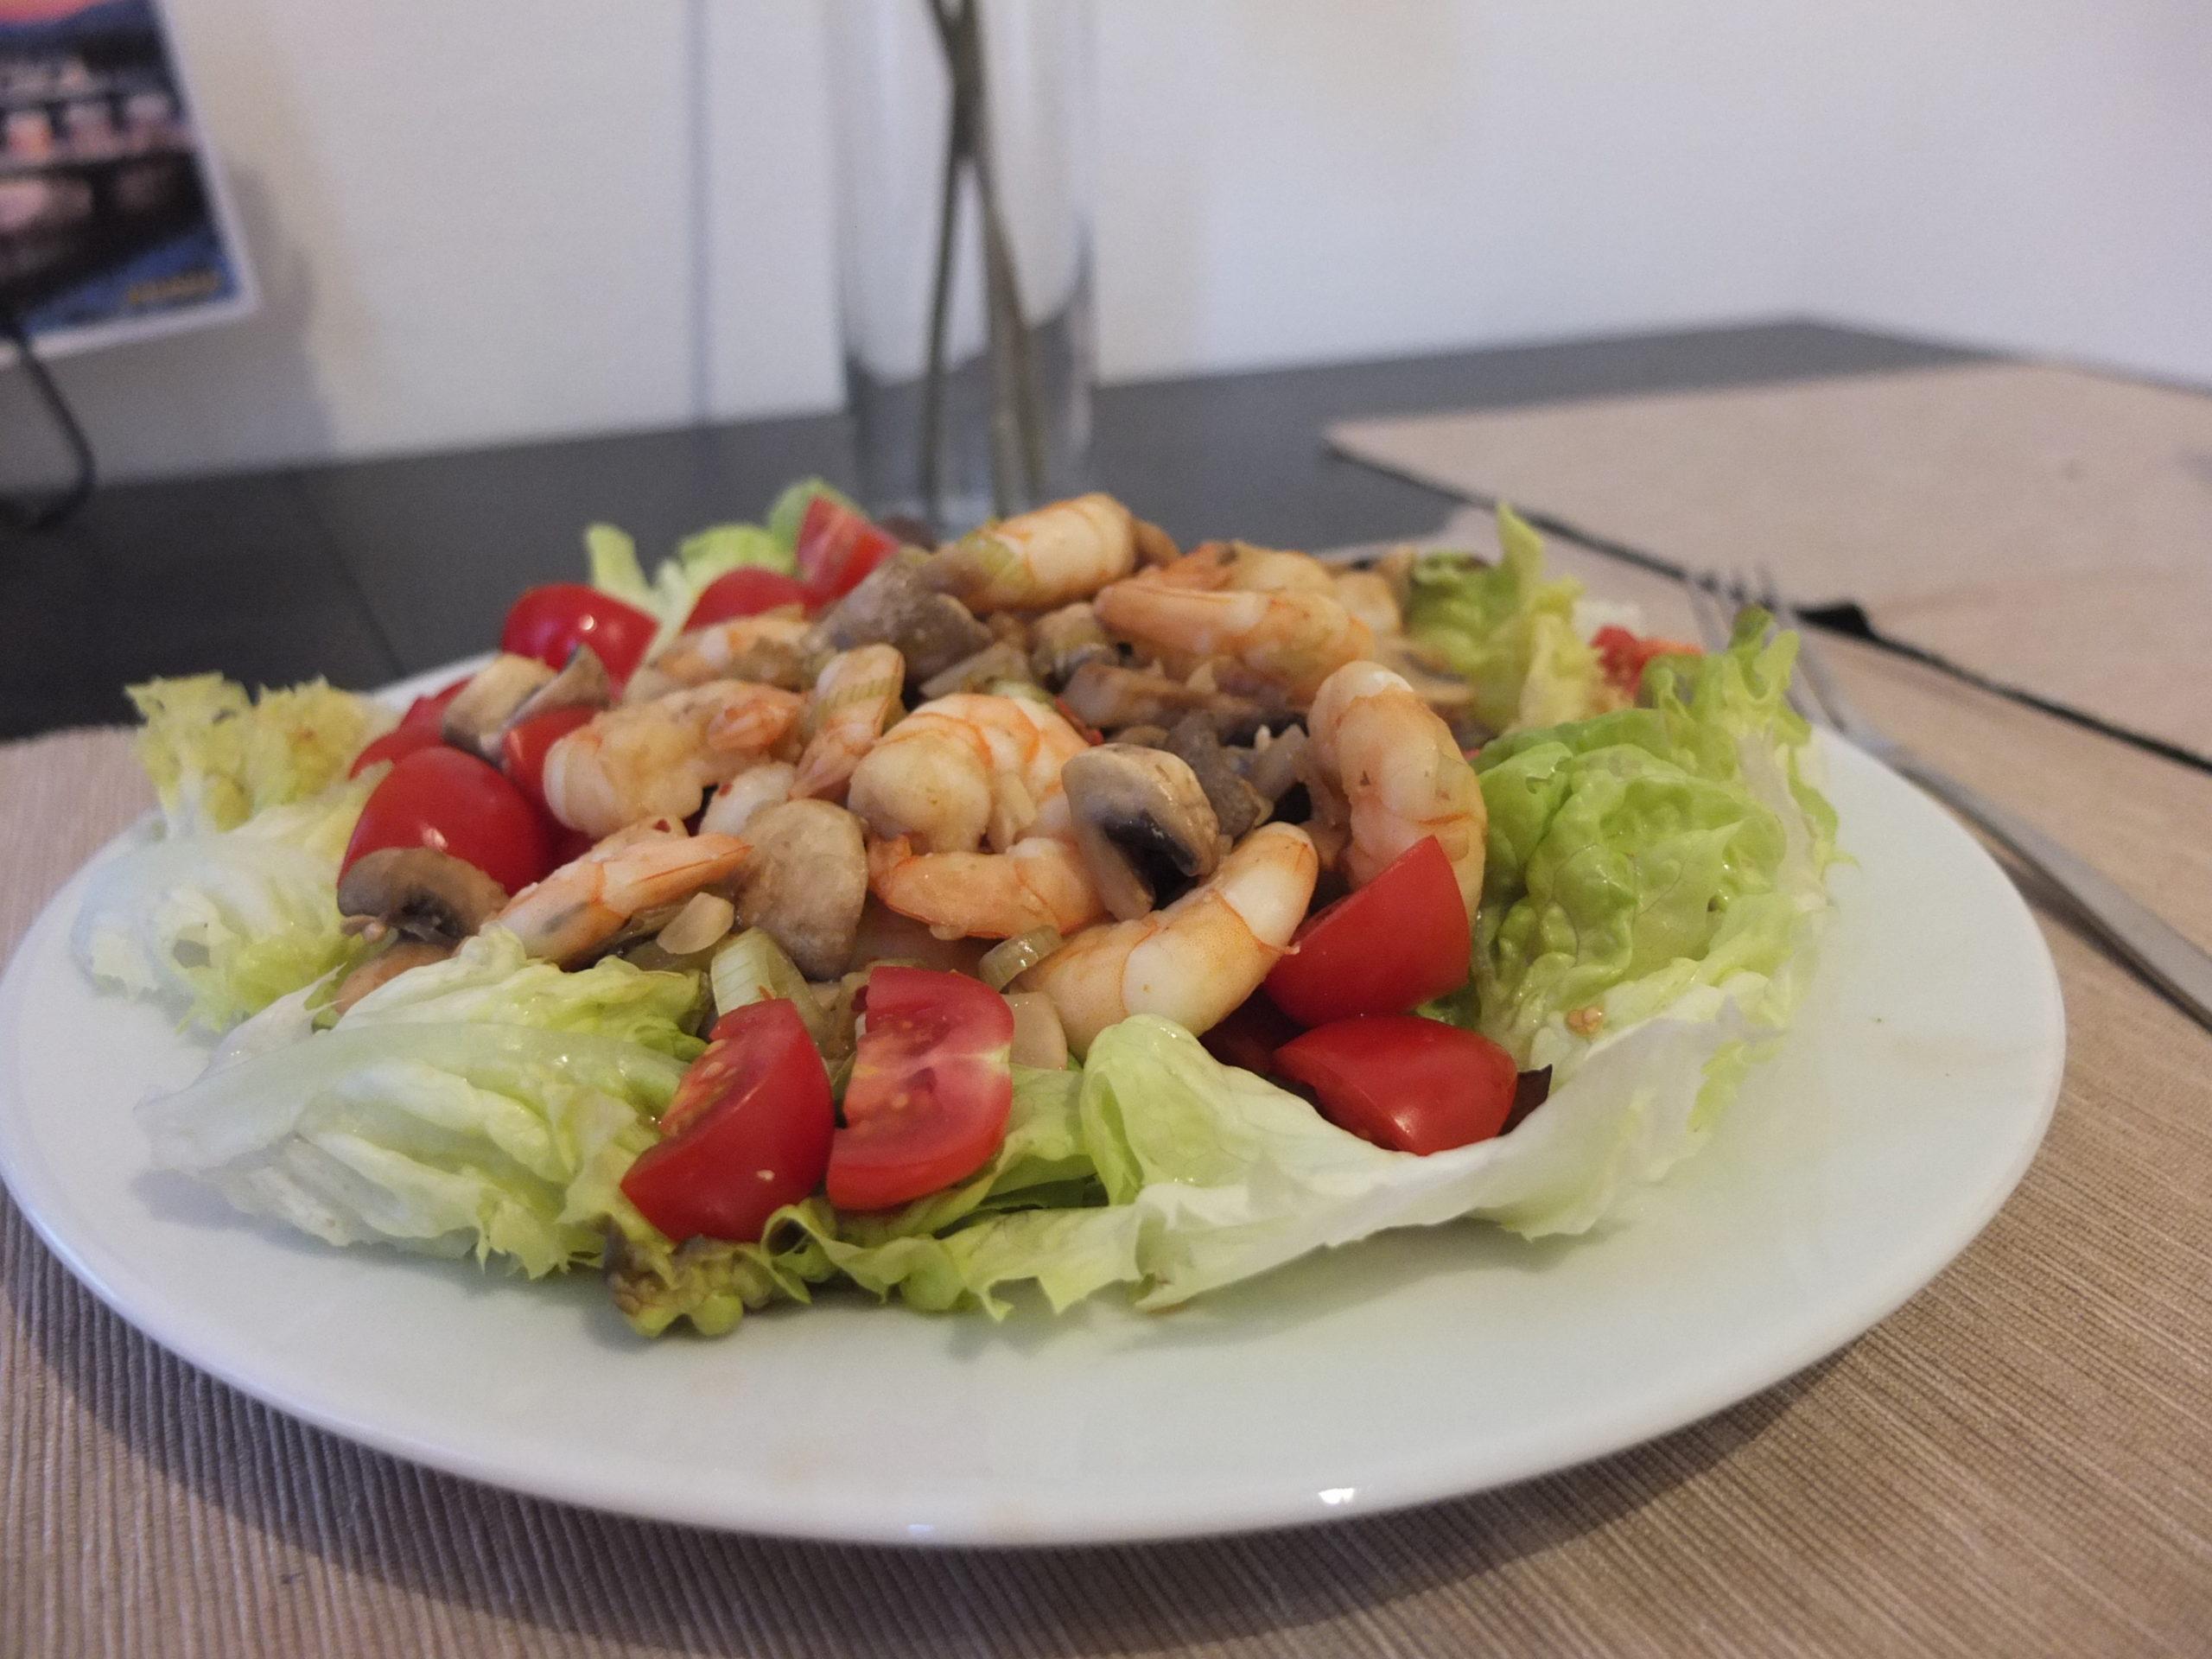 Ingwer-Garnelen auf Salat